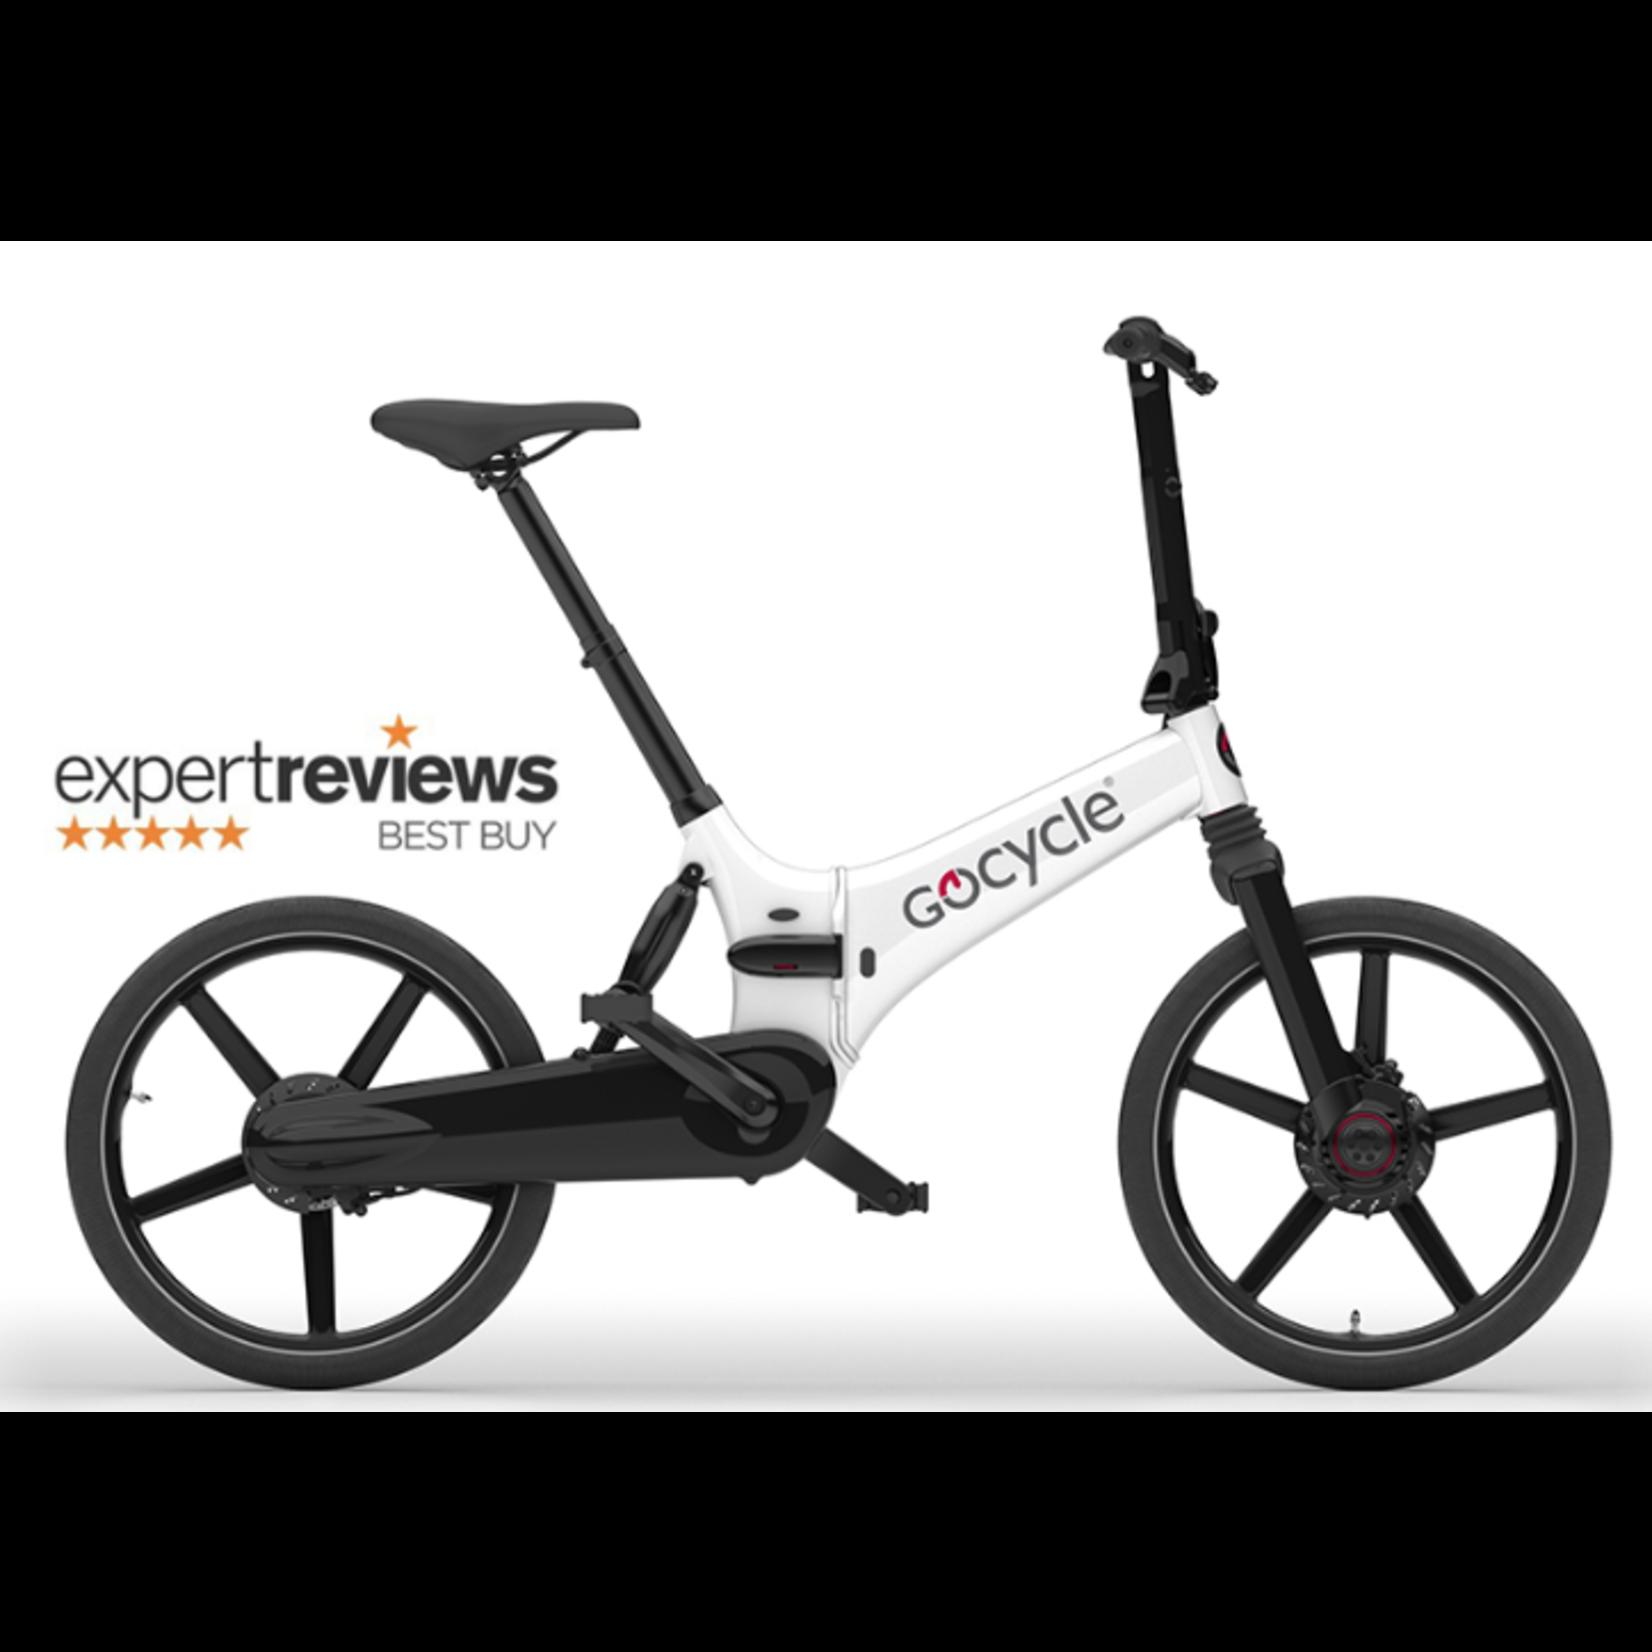 Gocycle Gocycle GX white